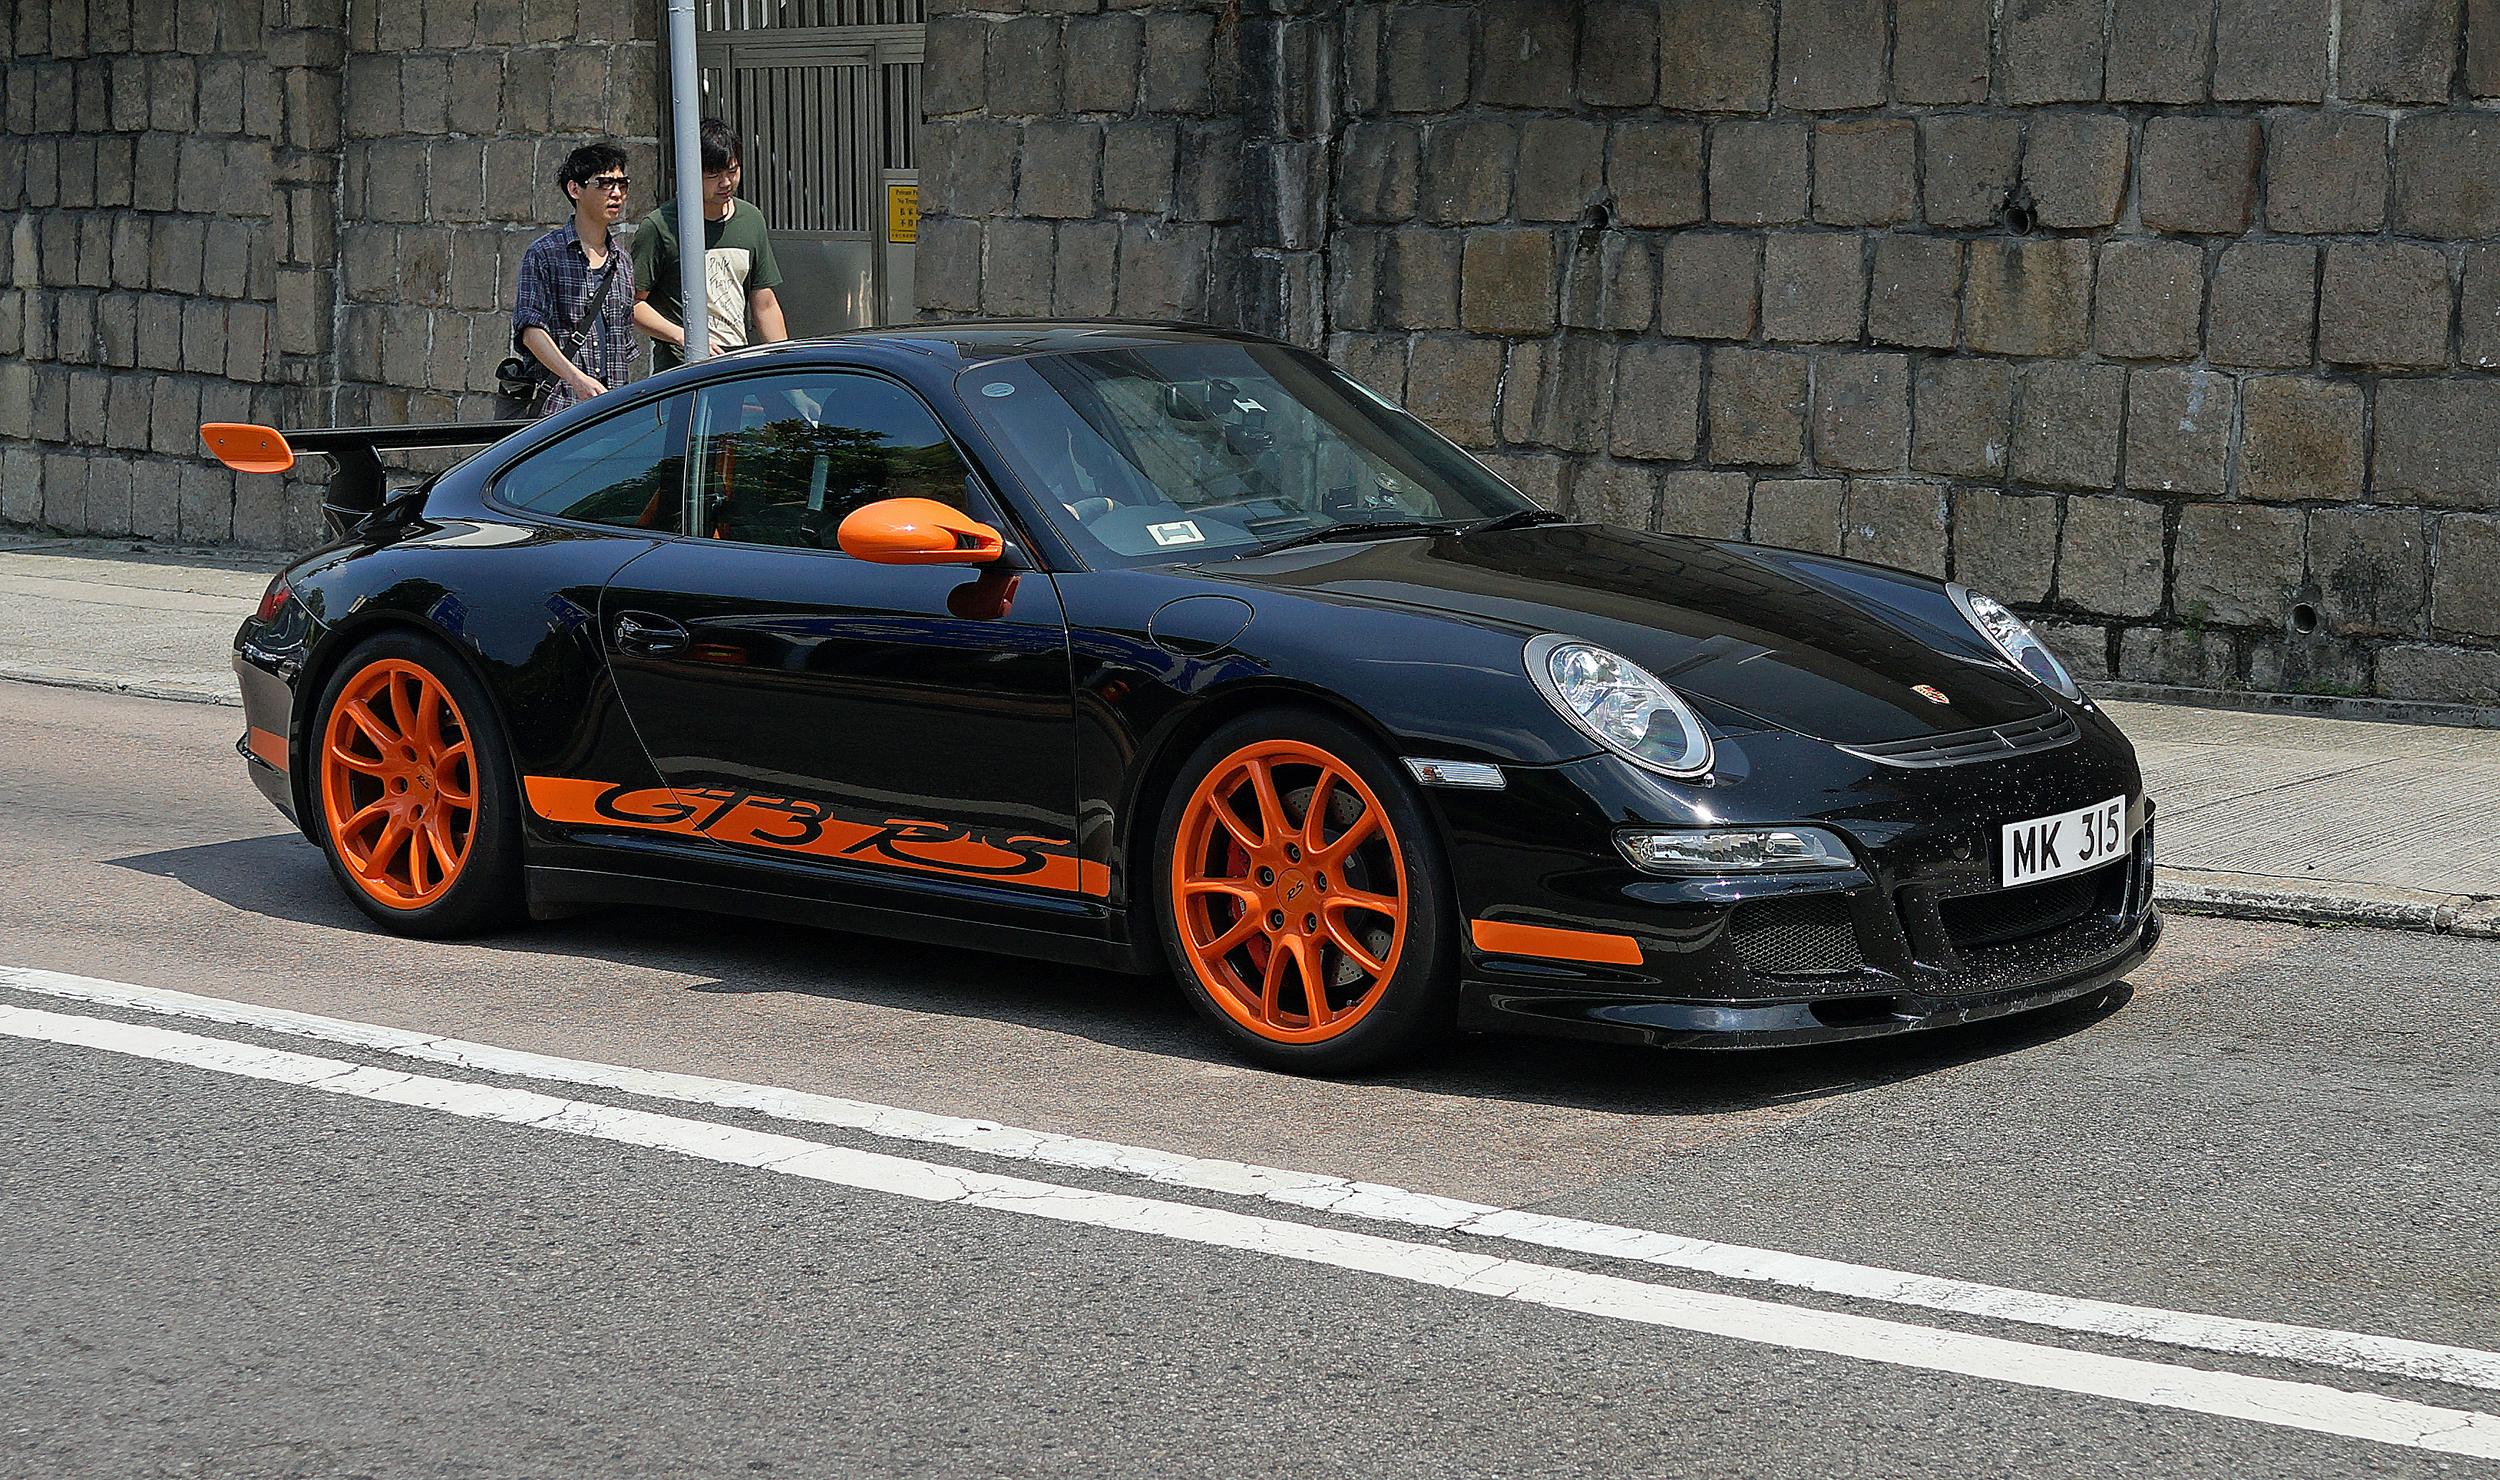 Porsche - MK 315